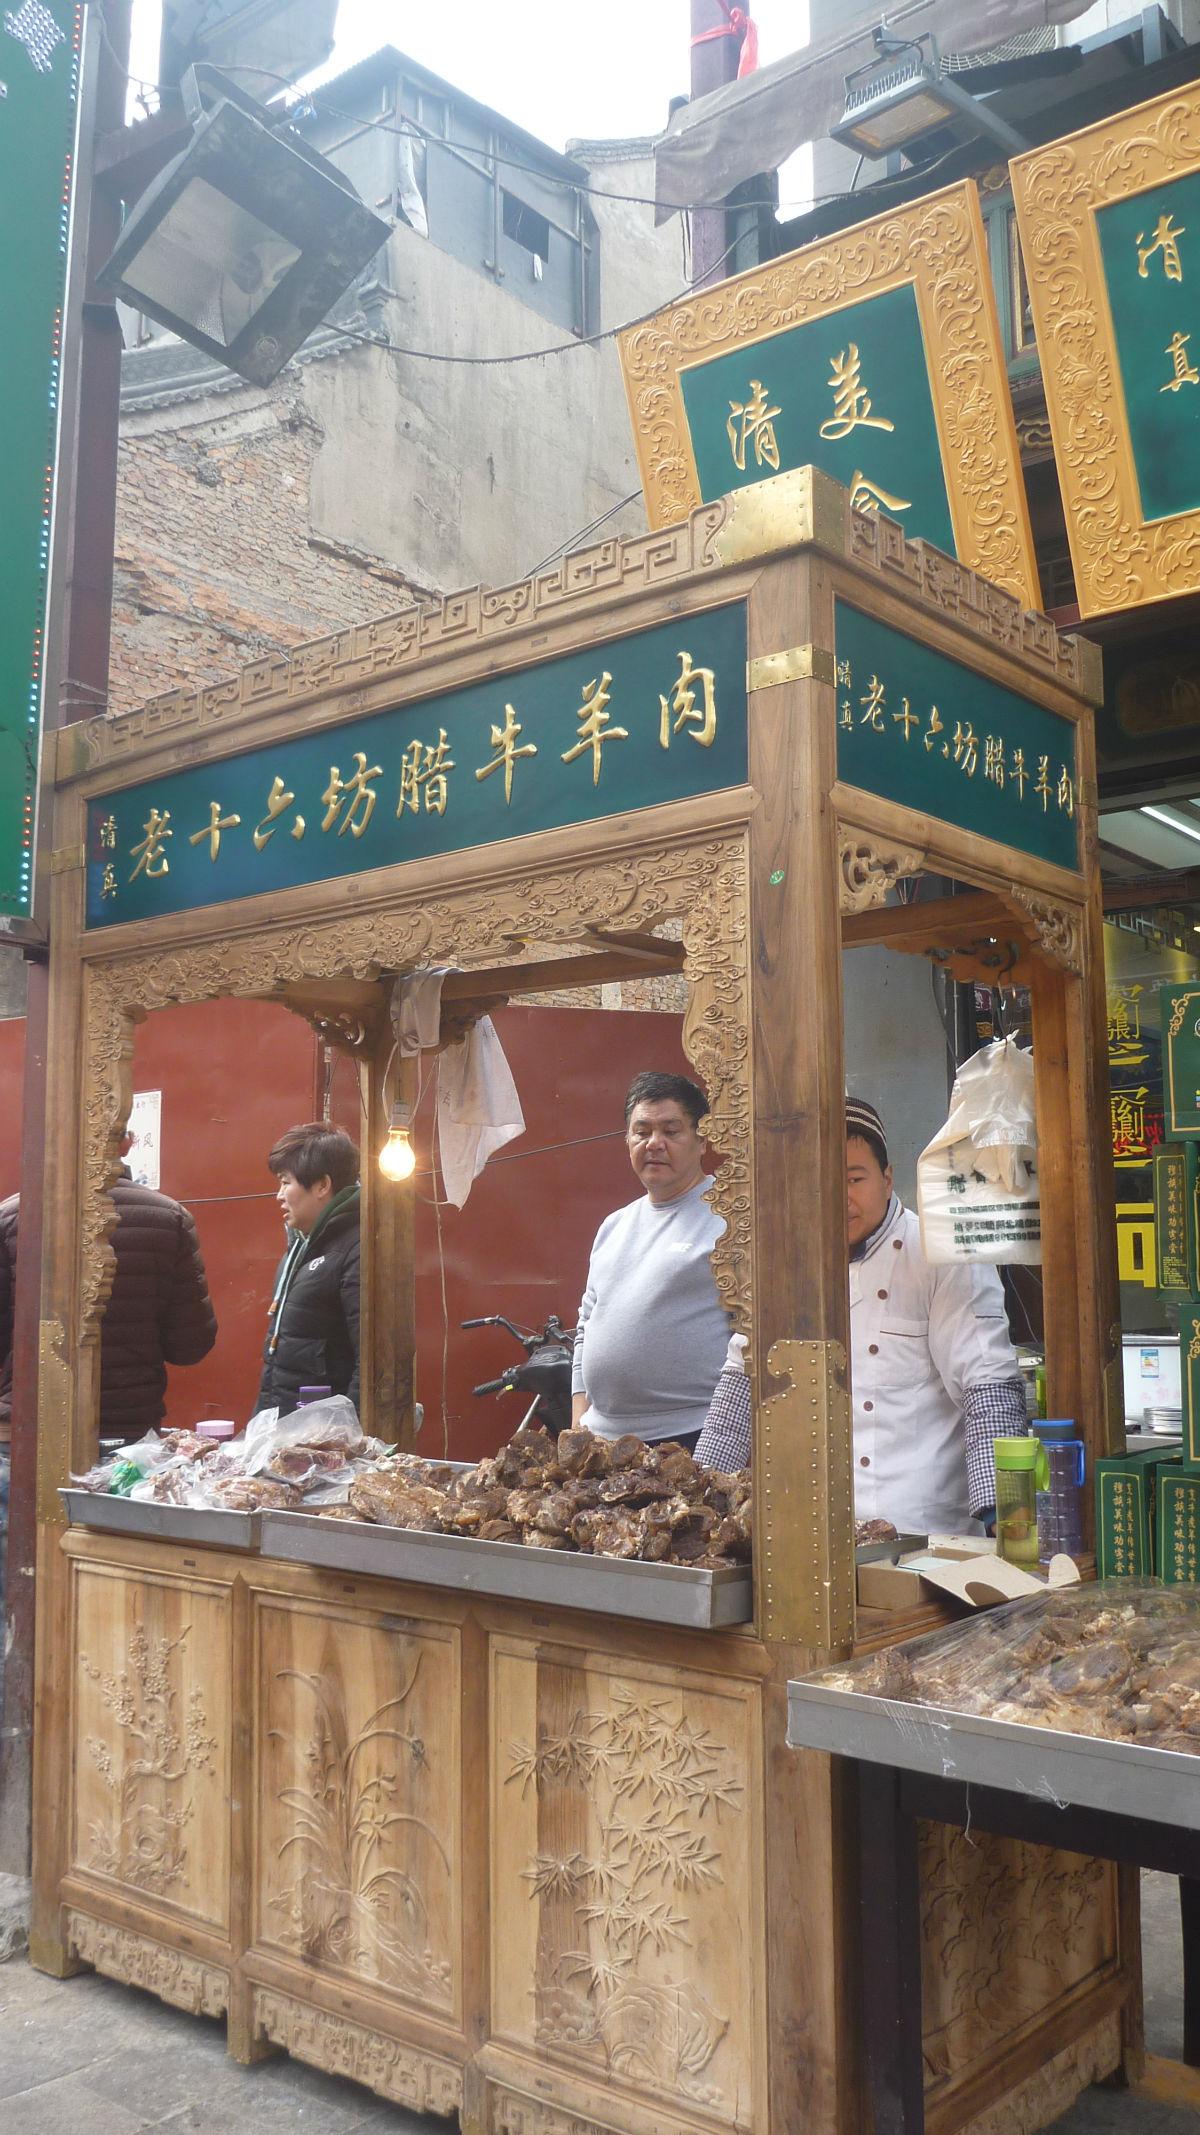 西安之行(回民美食街,慈恩寺大雁塔)